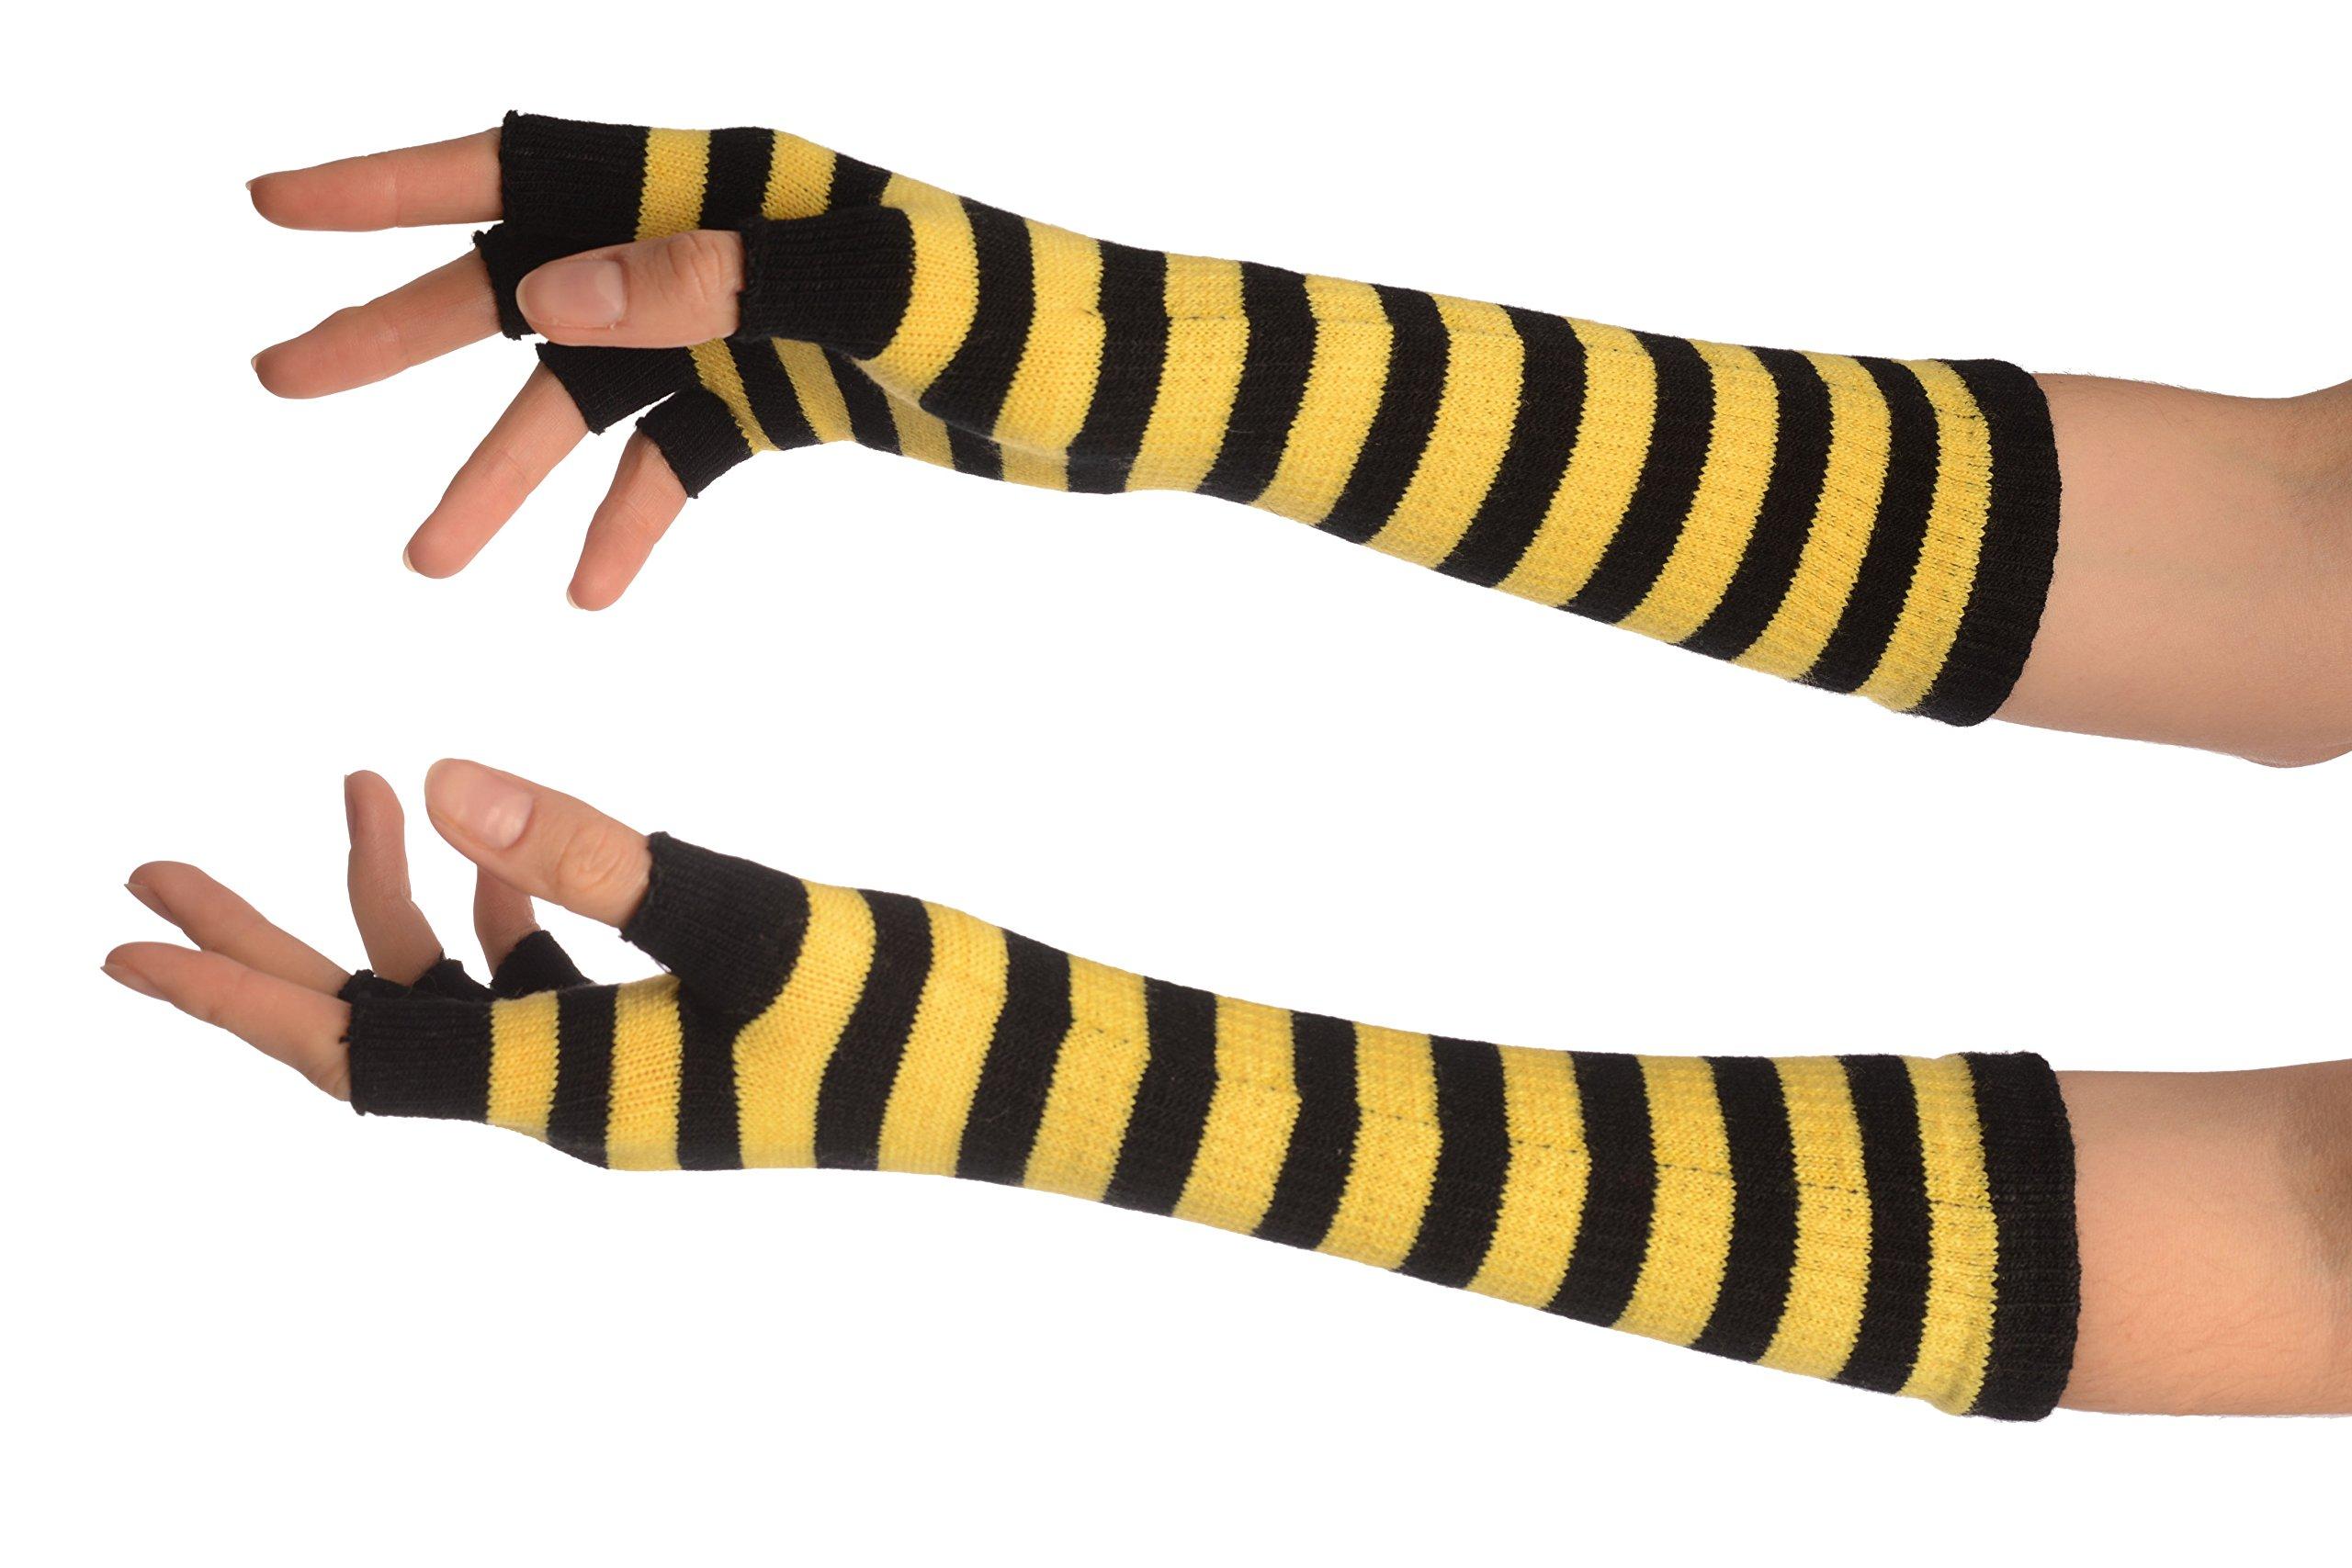 Yellow & Black Stripes Fingerless Gloves - Gloves